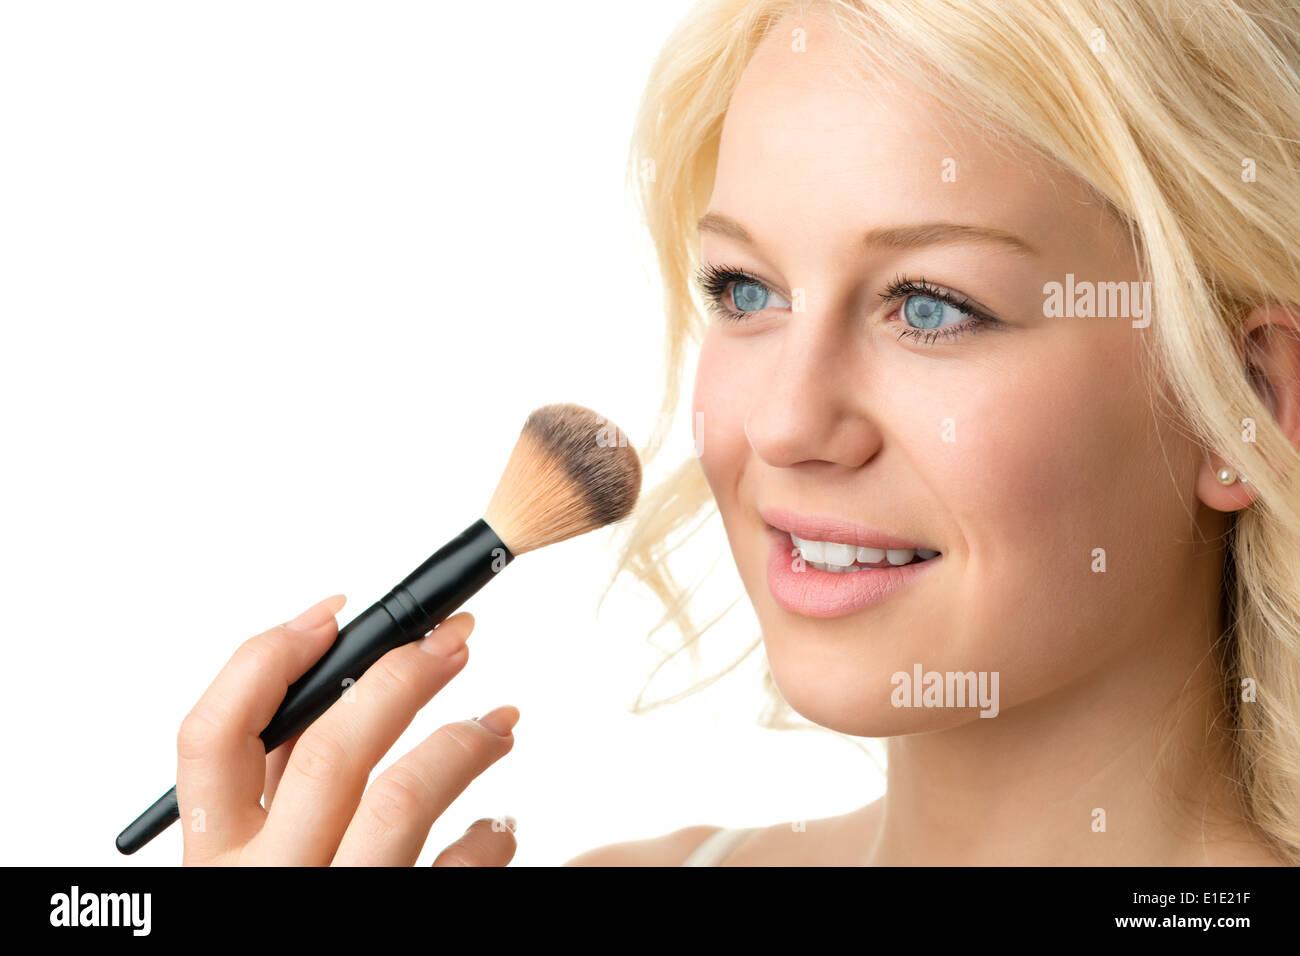 Closeup maquillaje aplicación de una mujer rubia Imagen De Stock